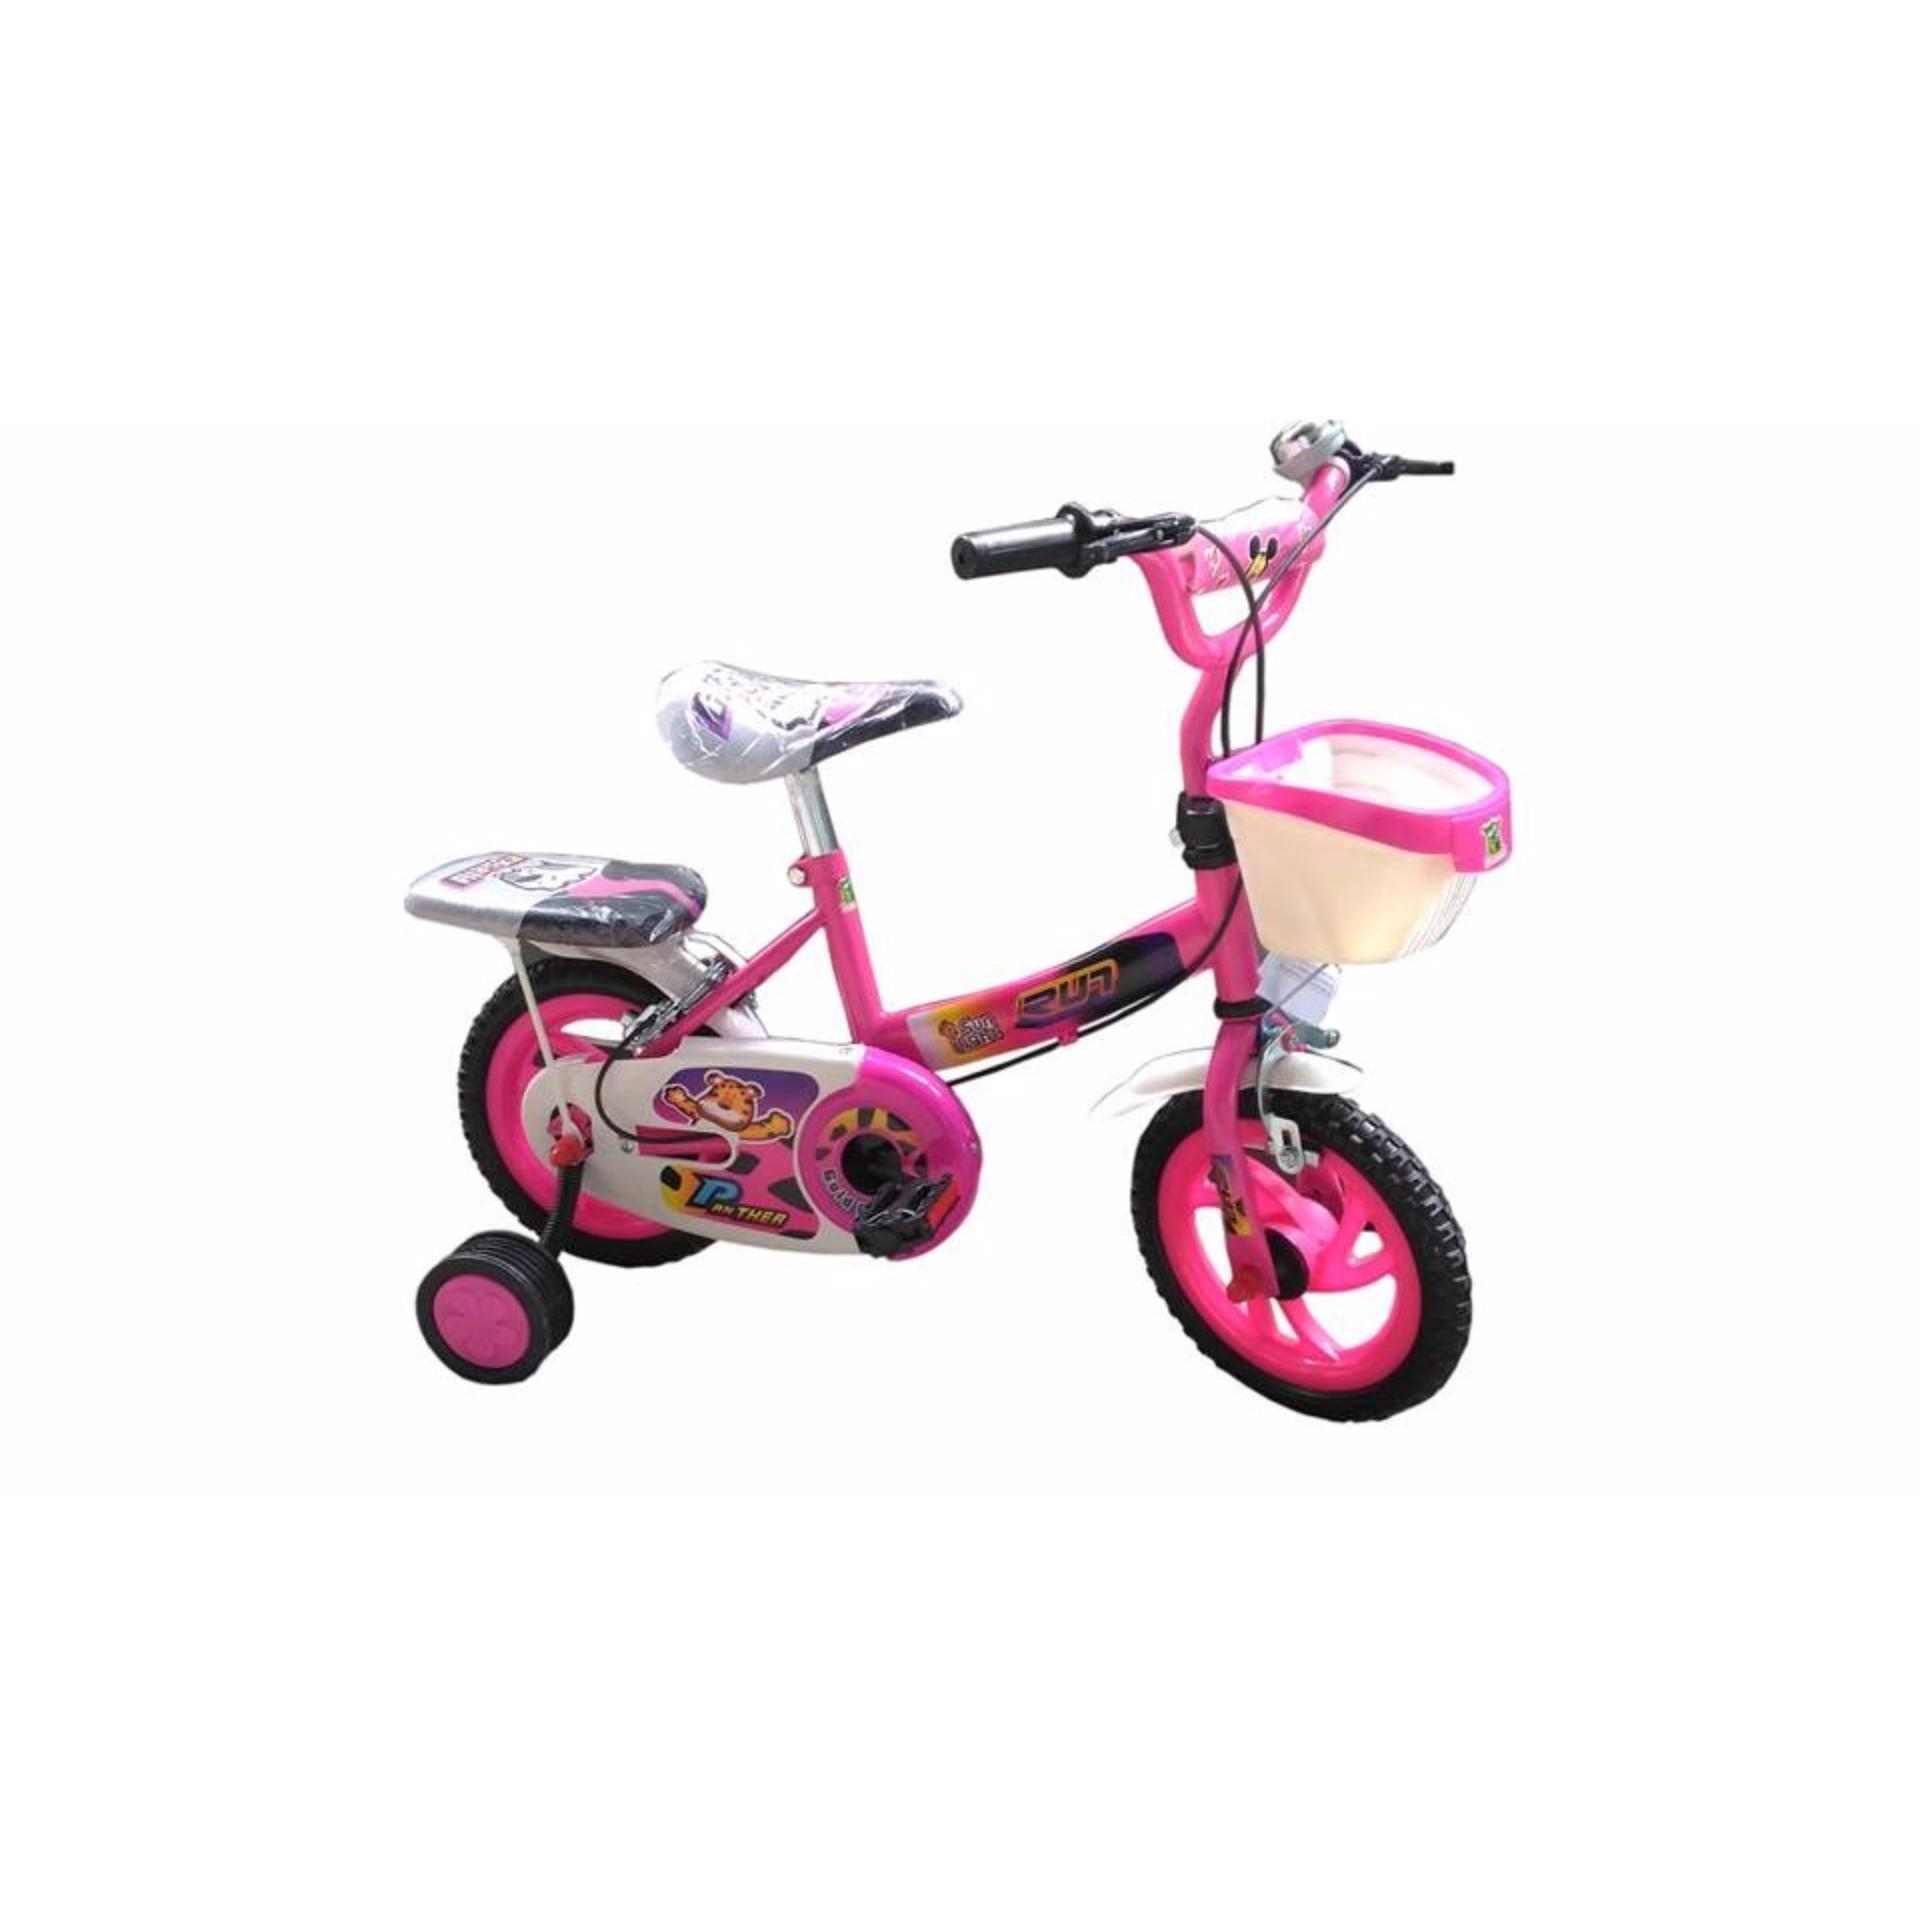 Xe đạp hai bánh kèm bánh phụ cho bé gái